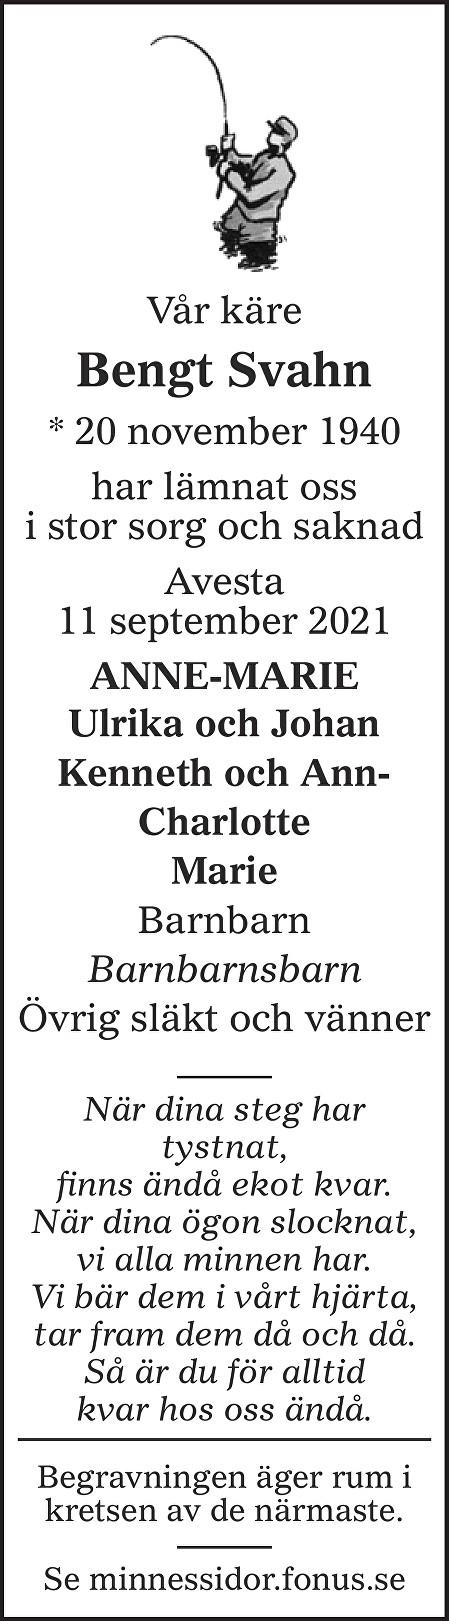 Bengt Svahn Death notice